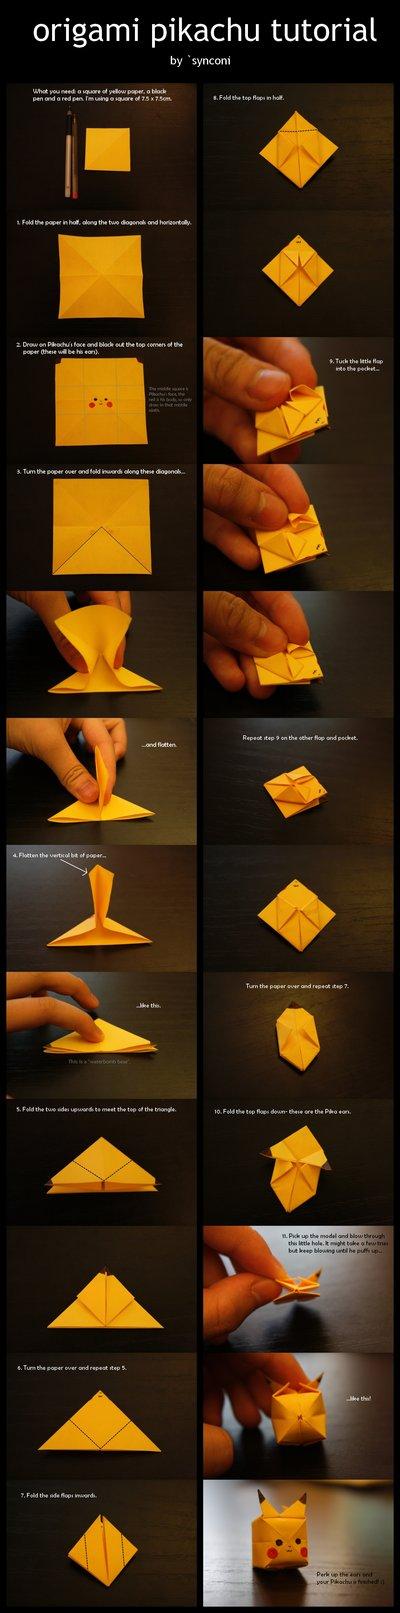 Как сделать вещи из бумаги оригами - Nastolnyje-nabory.ru